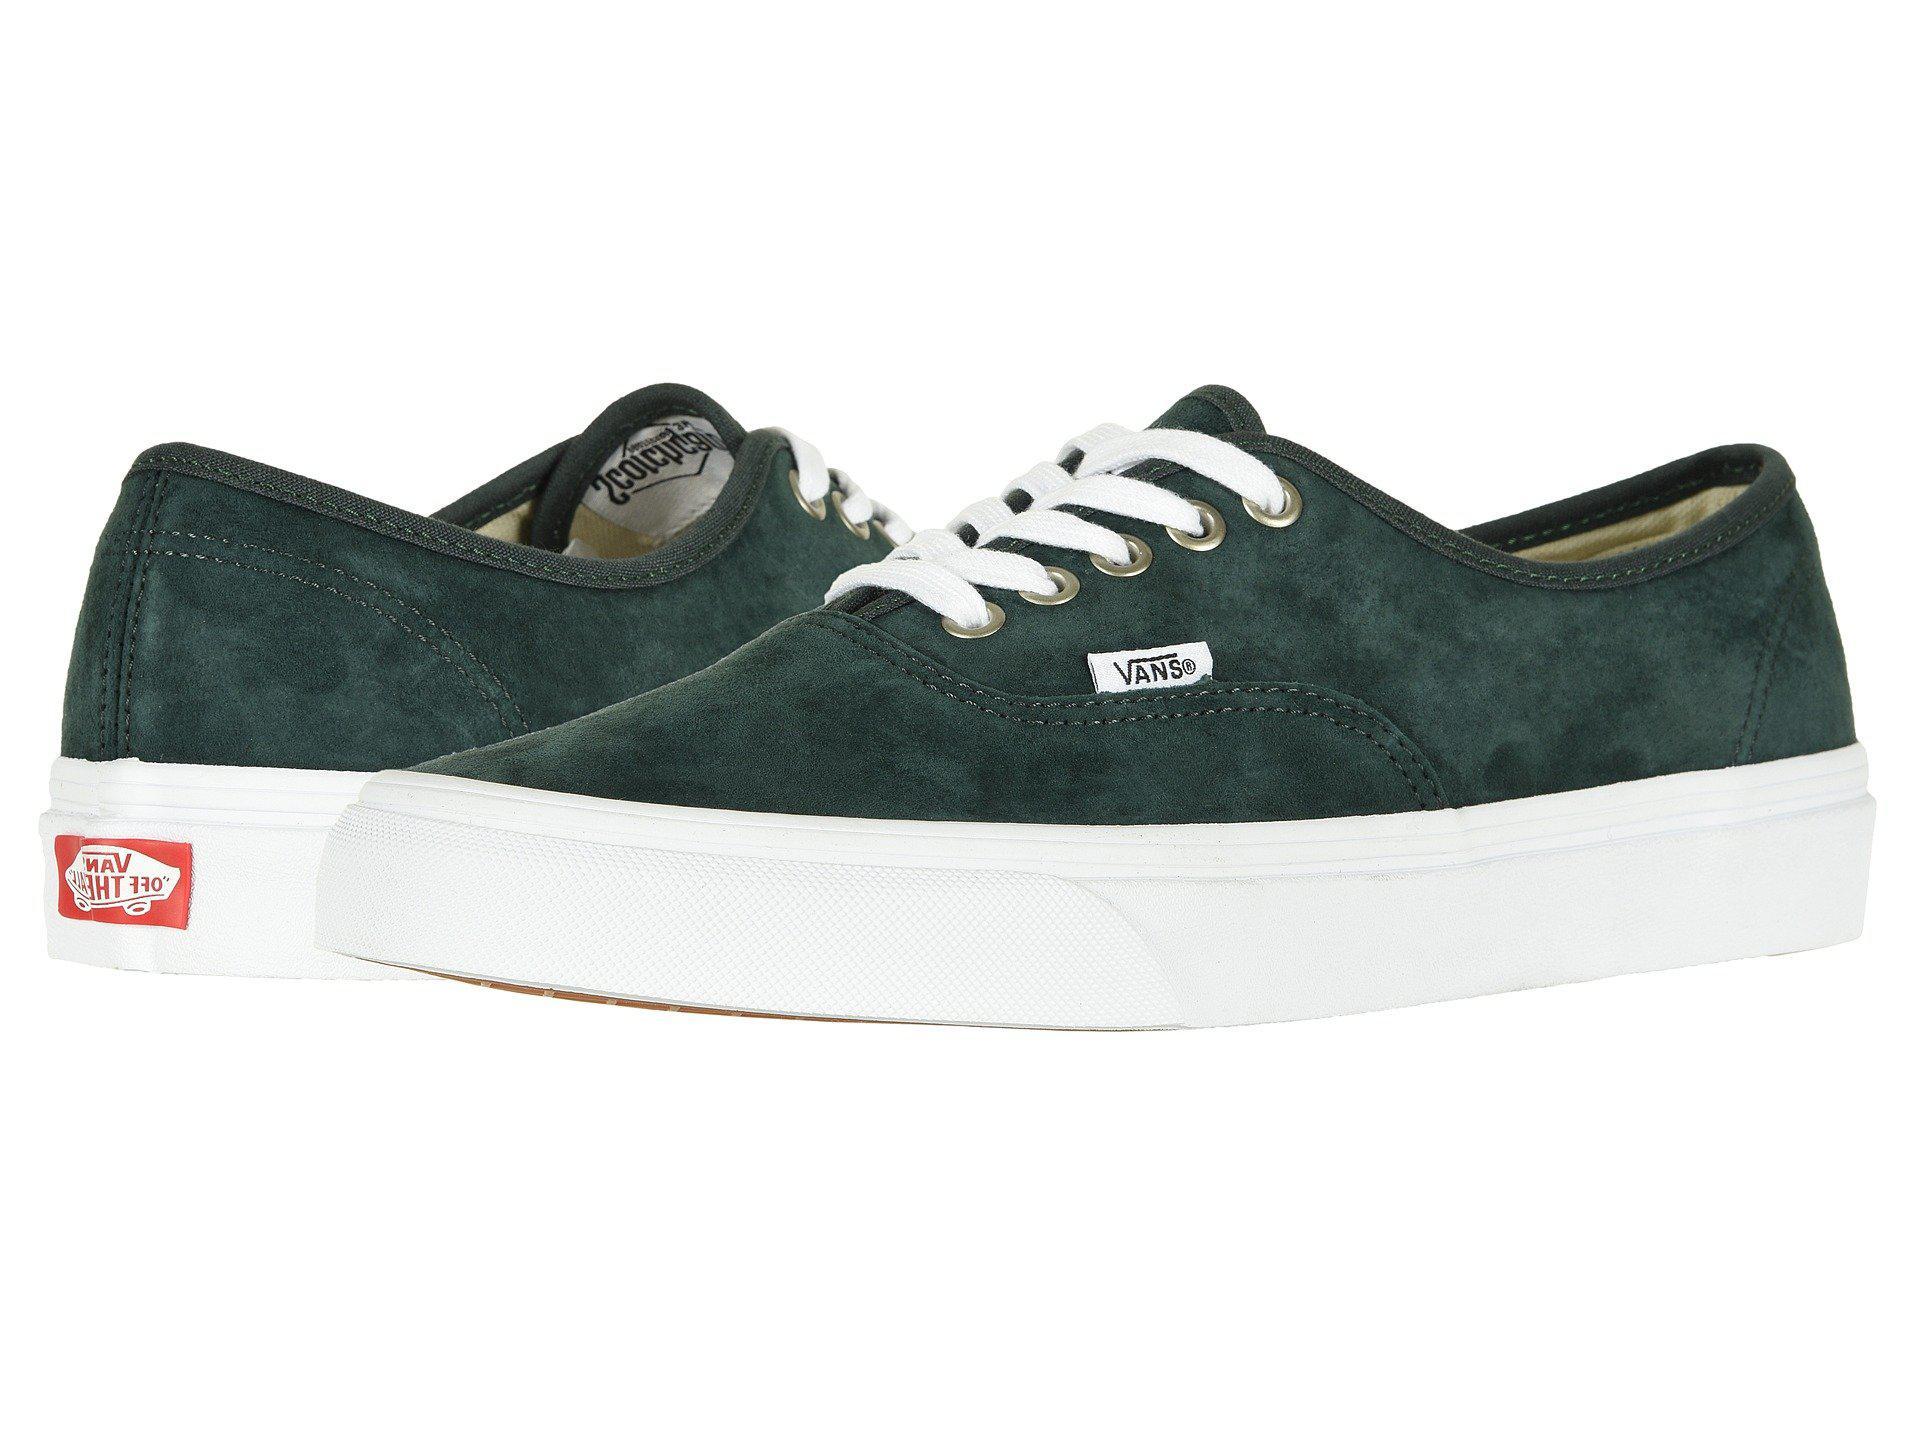 56914c57c63 Vans - Green Authentictm ((pig Suede) Darkest Spruce true White) Skate.  View fullscreen